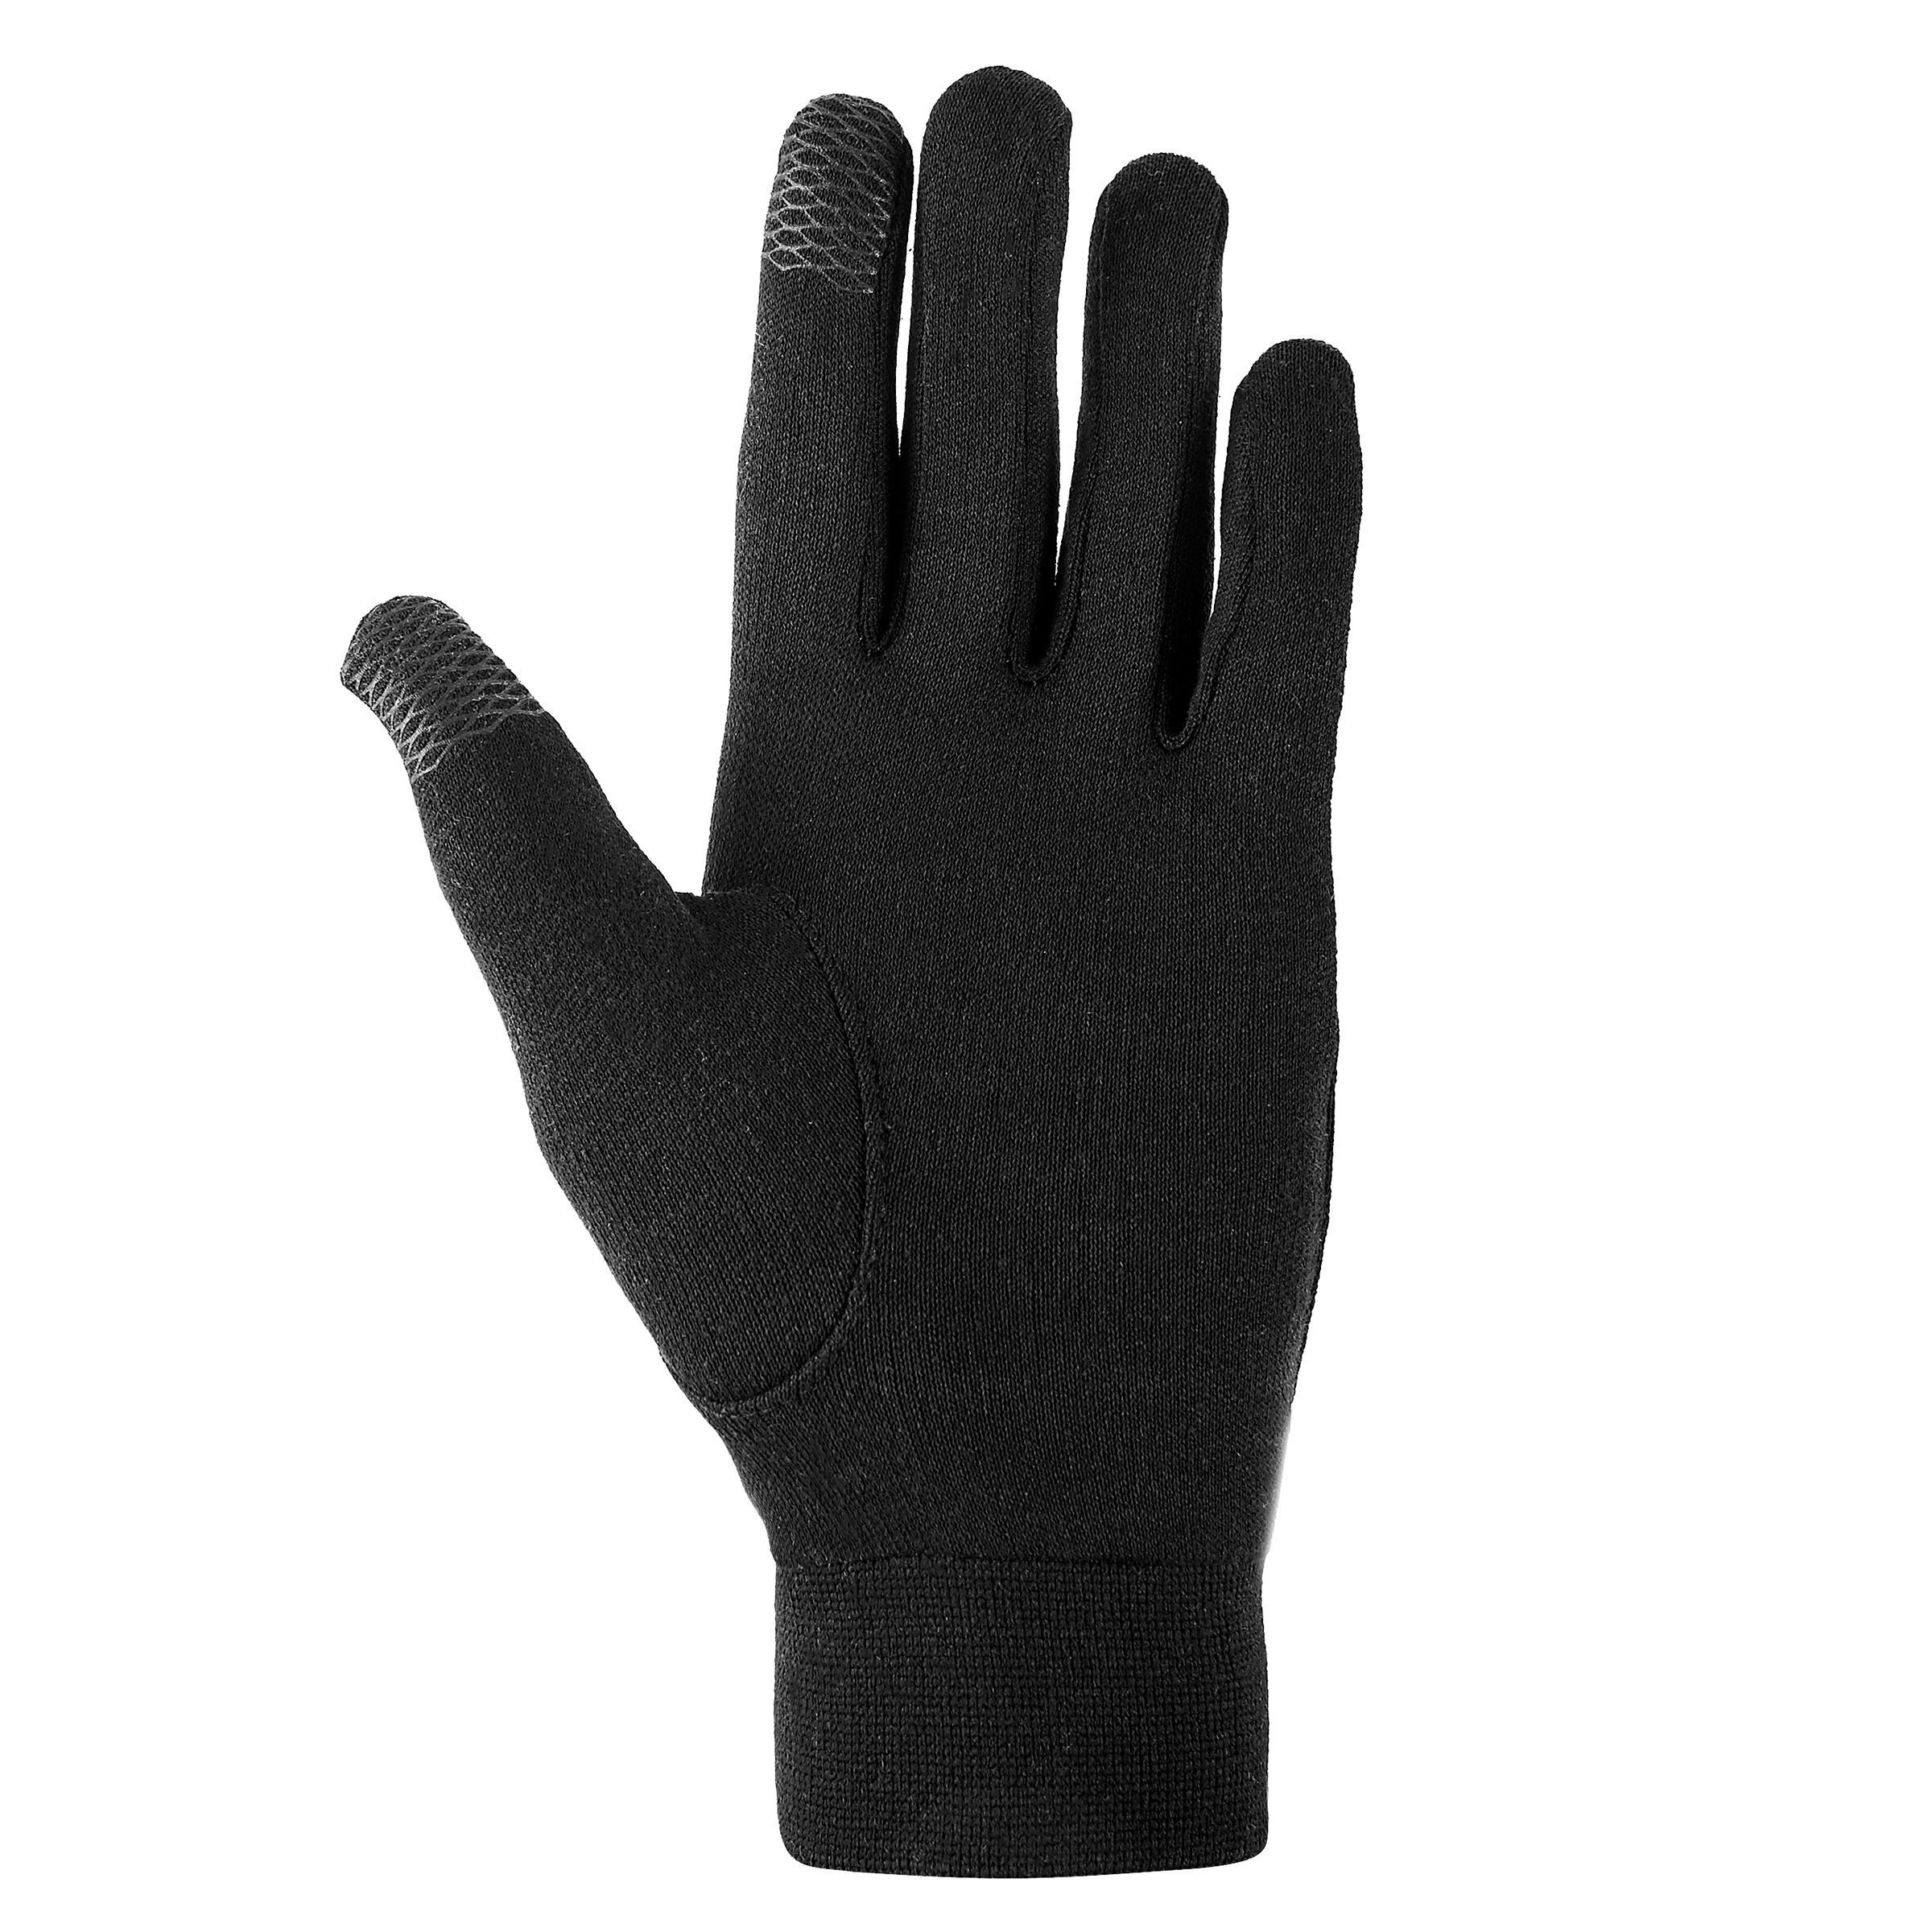 Sous-gants randonnée en montagne RANDO 500 soie noir